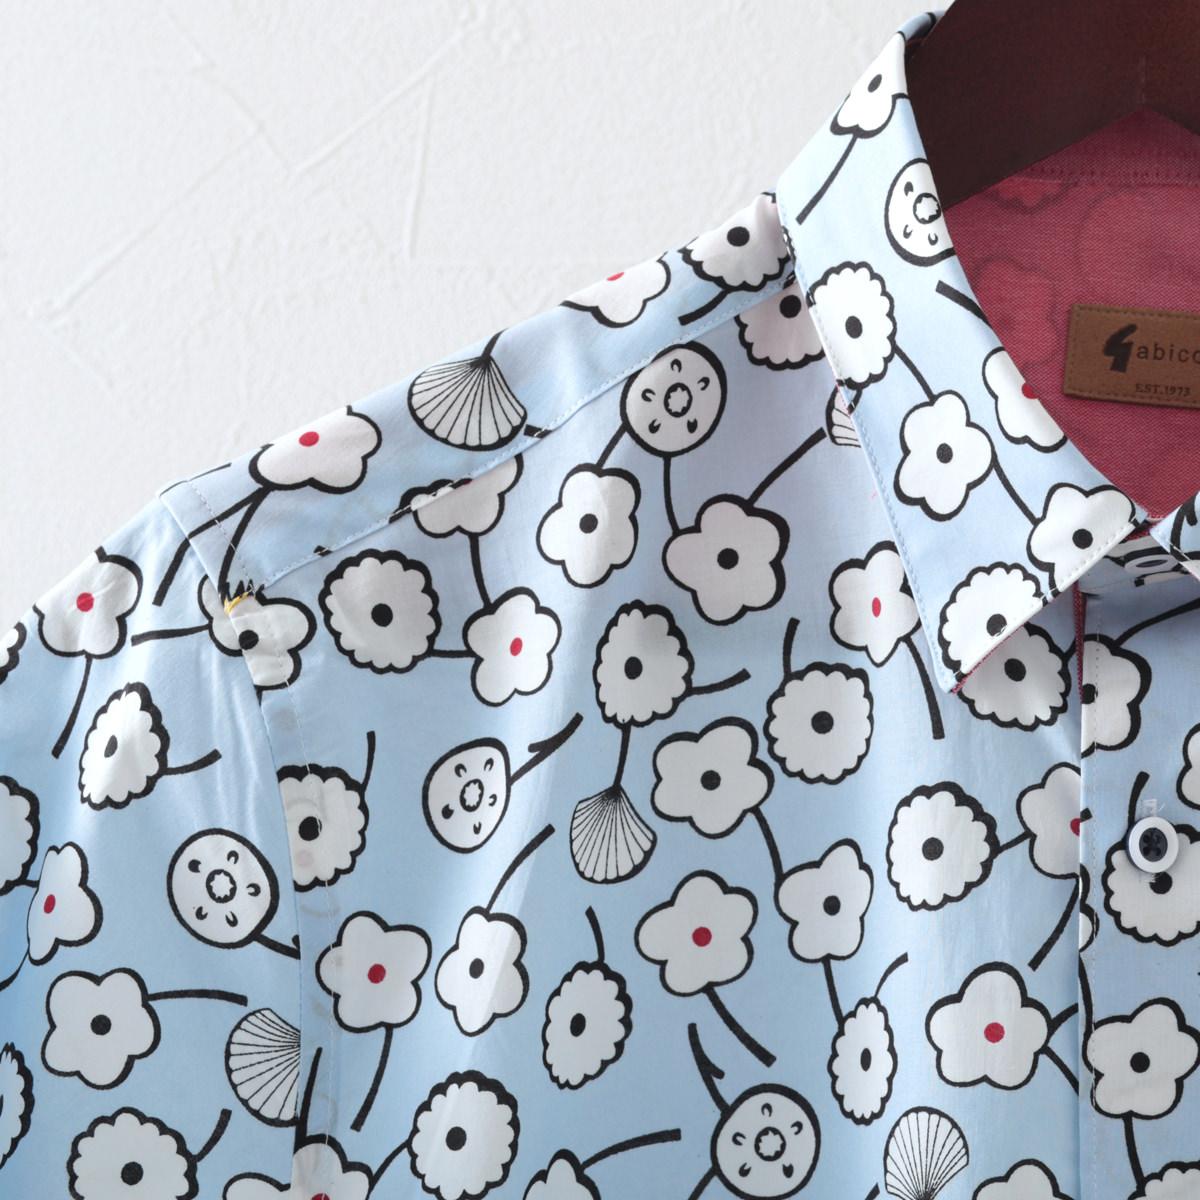 Gabicci メンズ 半袖シャツ フローラル ガビッチ シェード レトロ モッズファッション